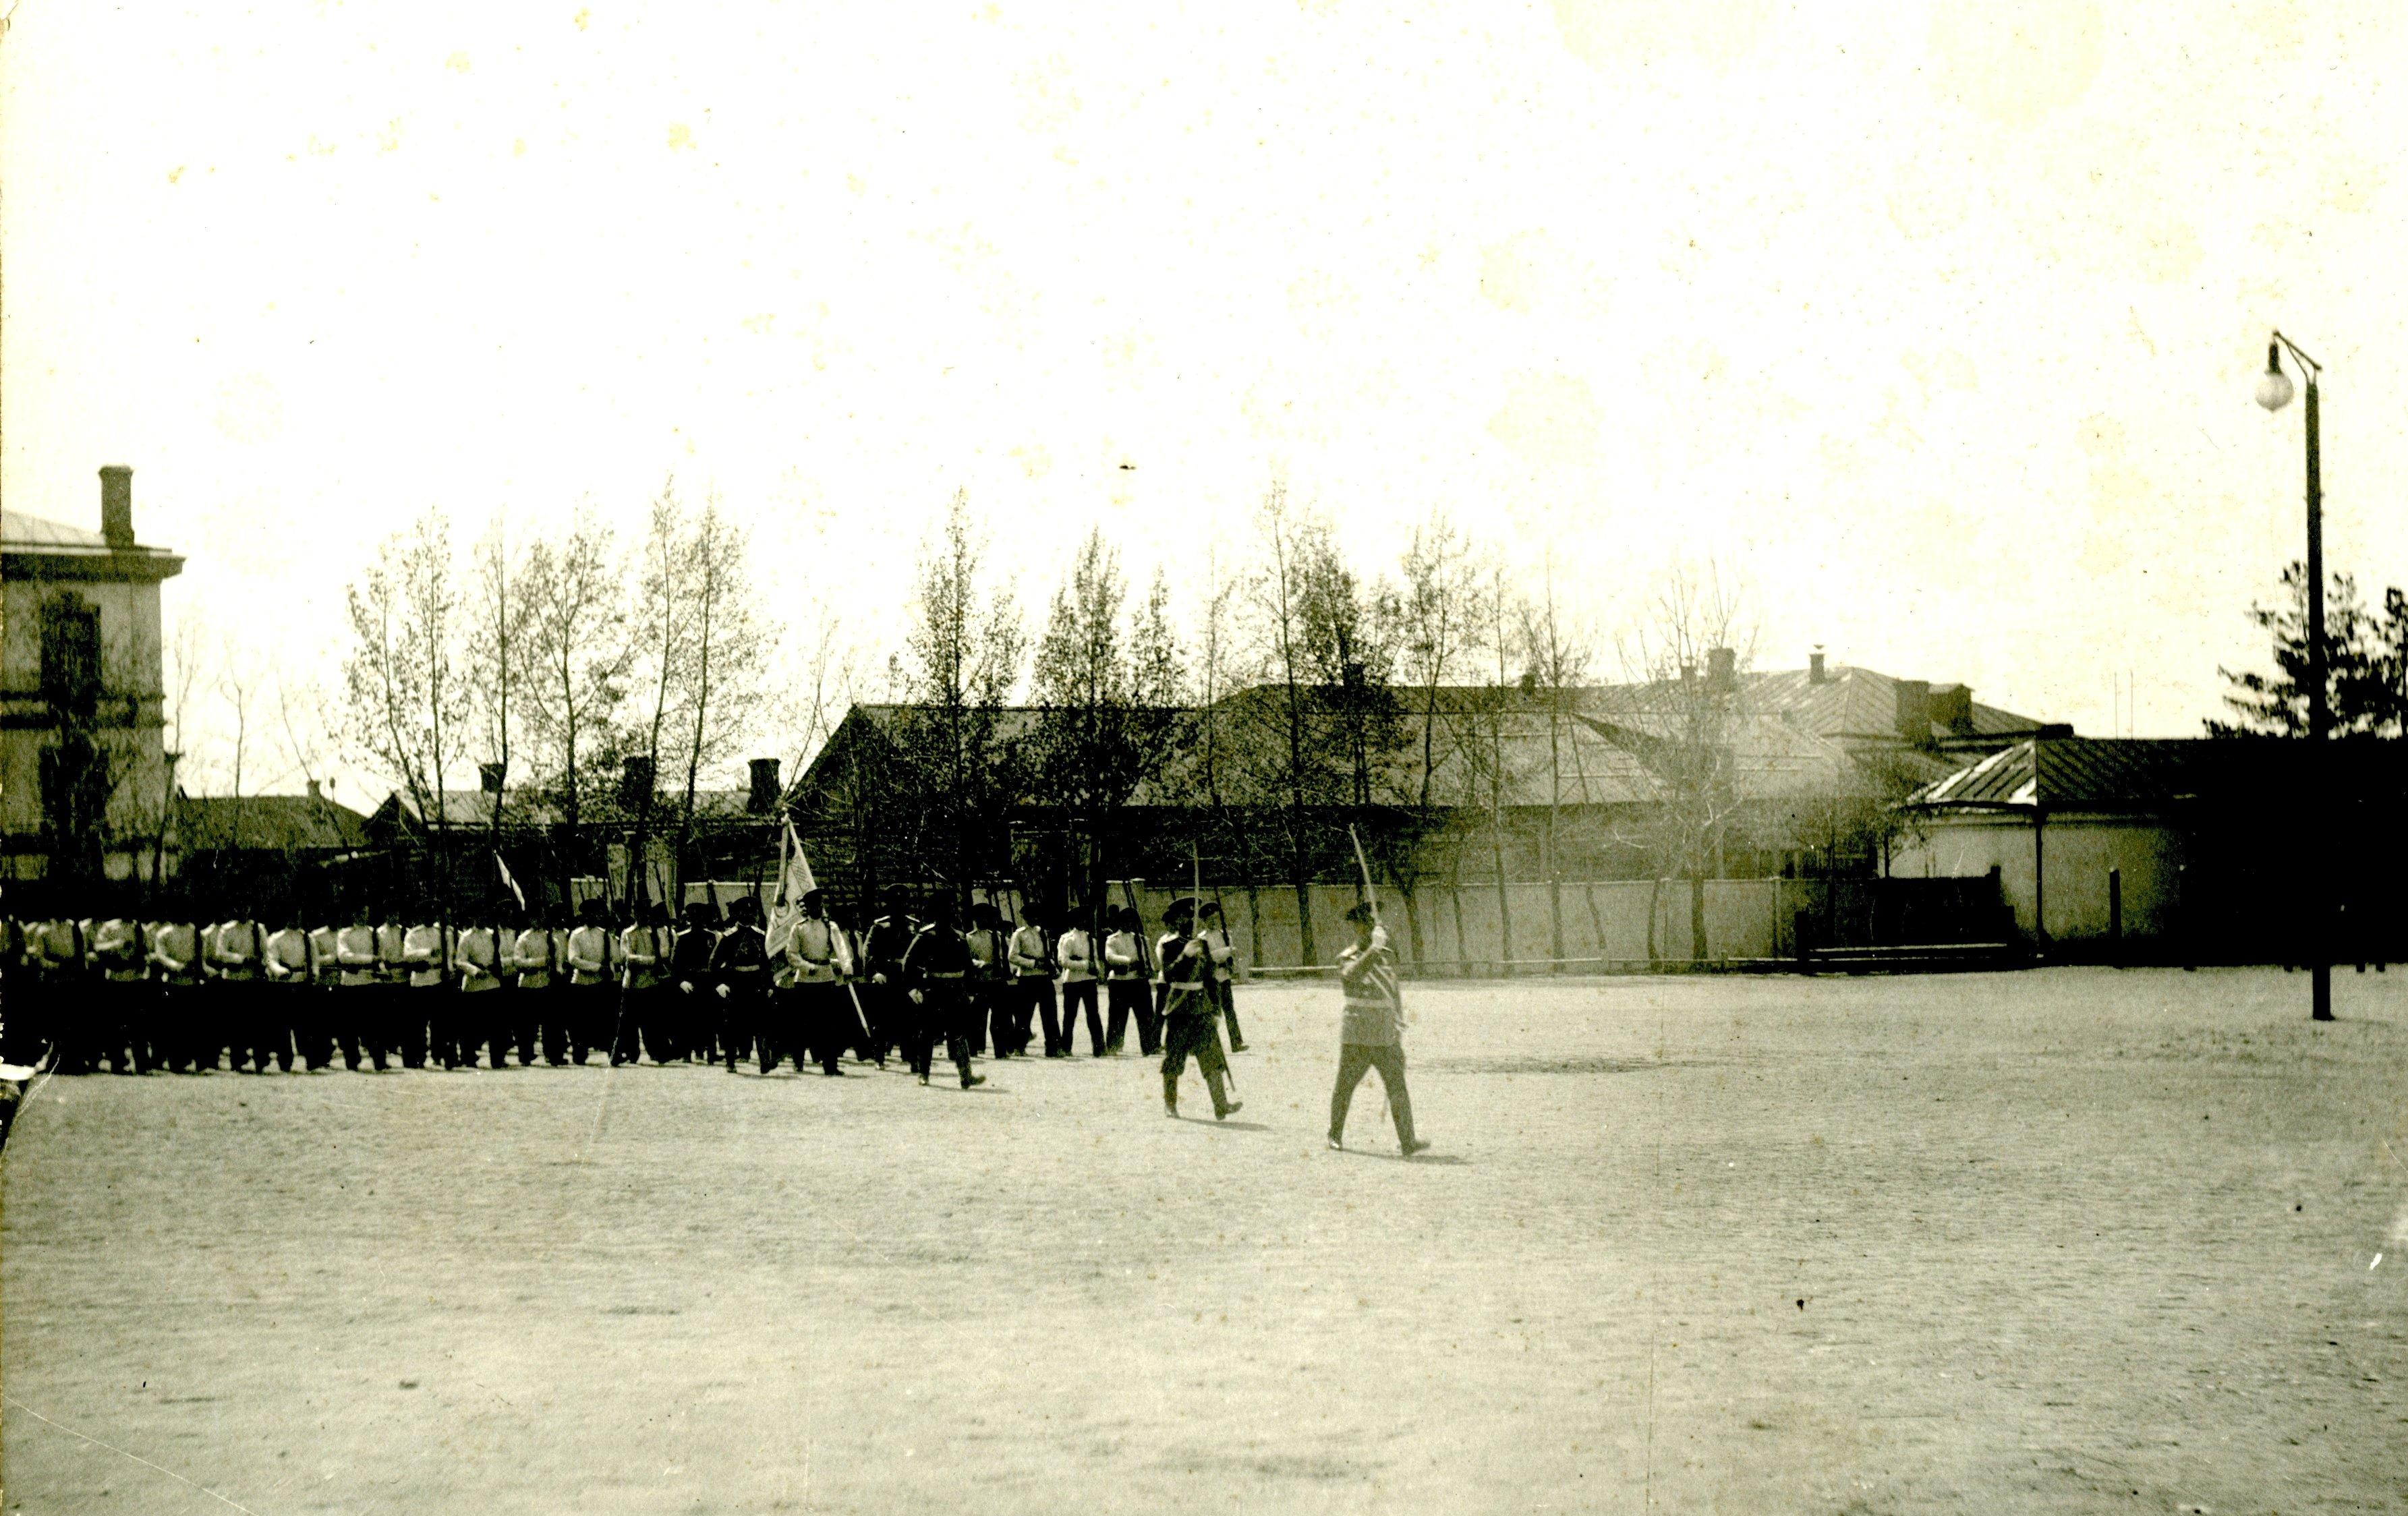 Церемониальный марш кадетского корпуса. Во главе идёт генерал майор Медведев.